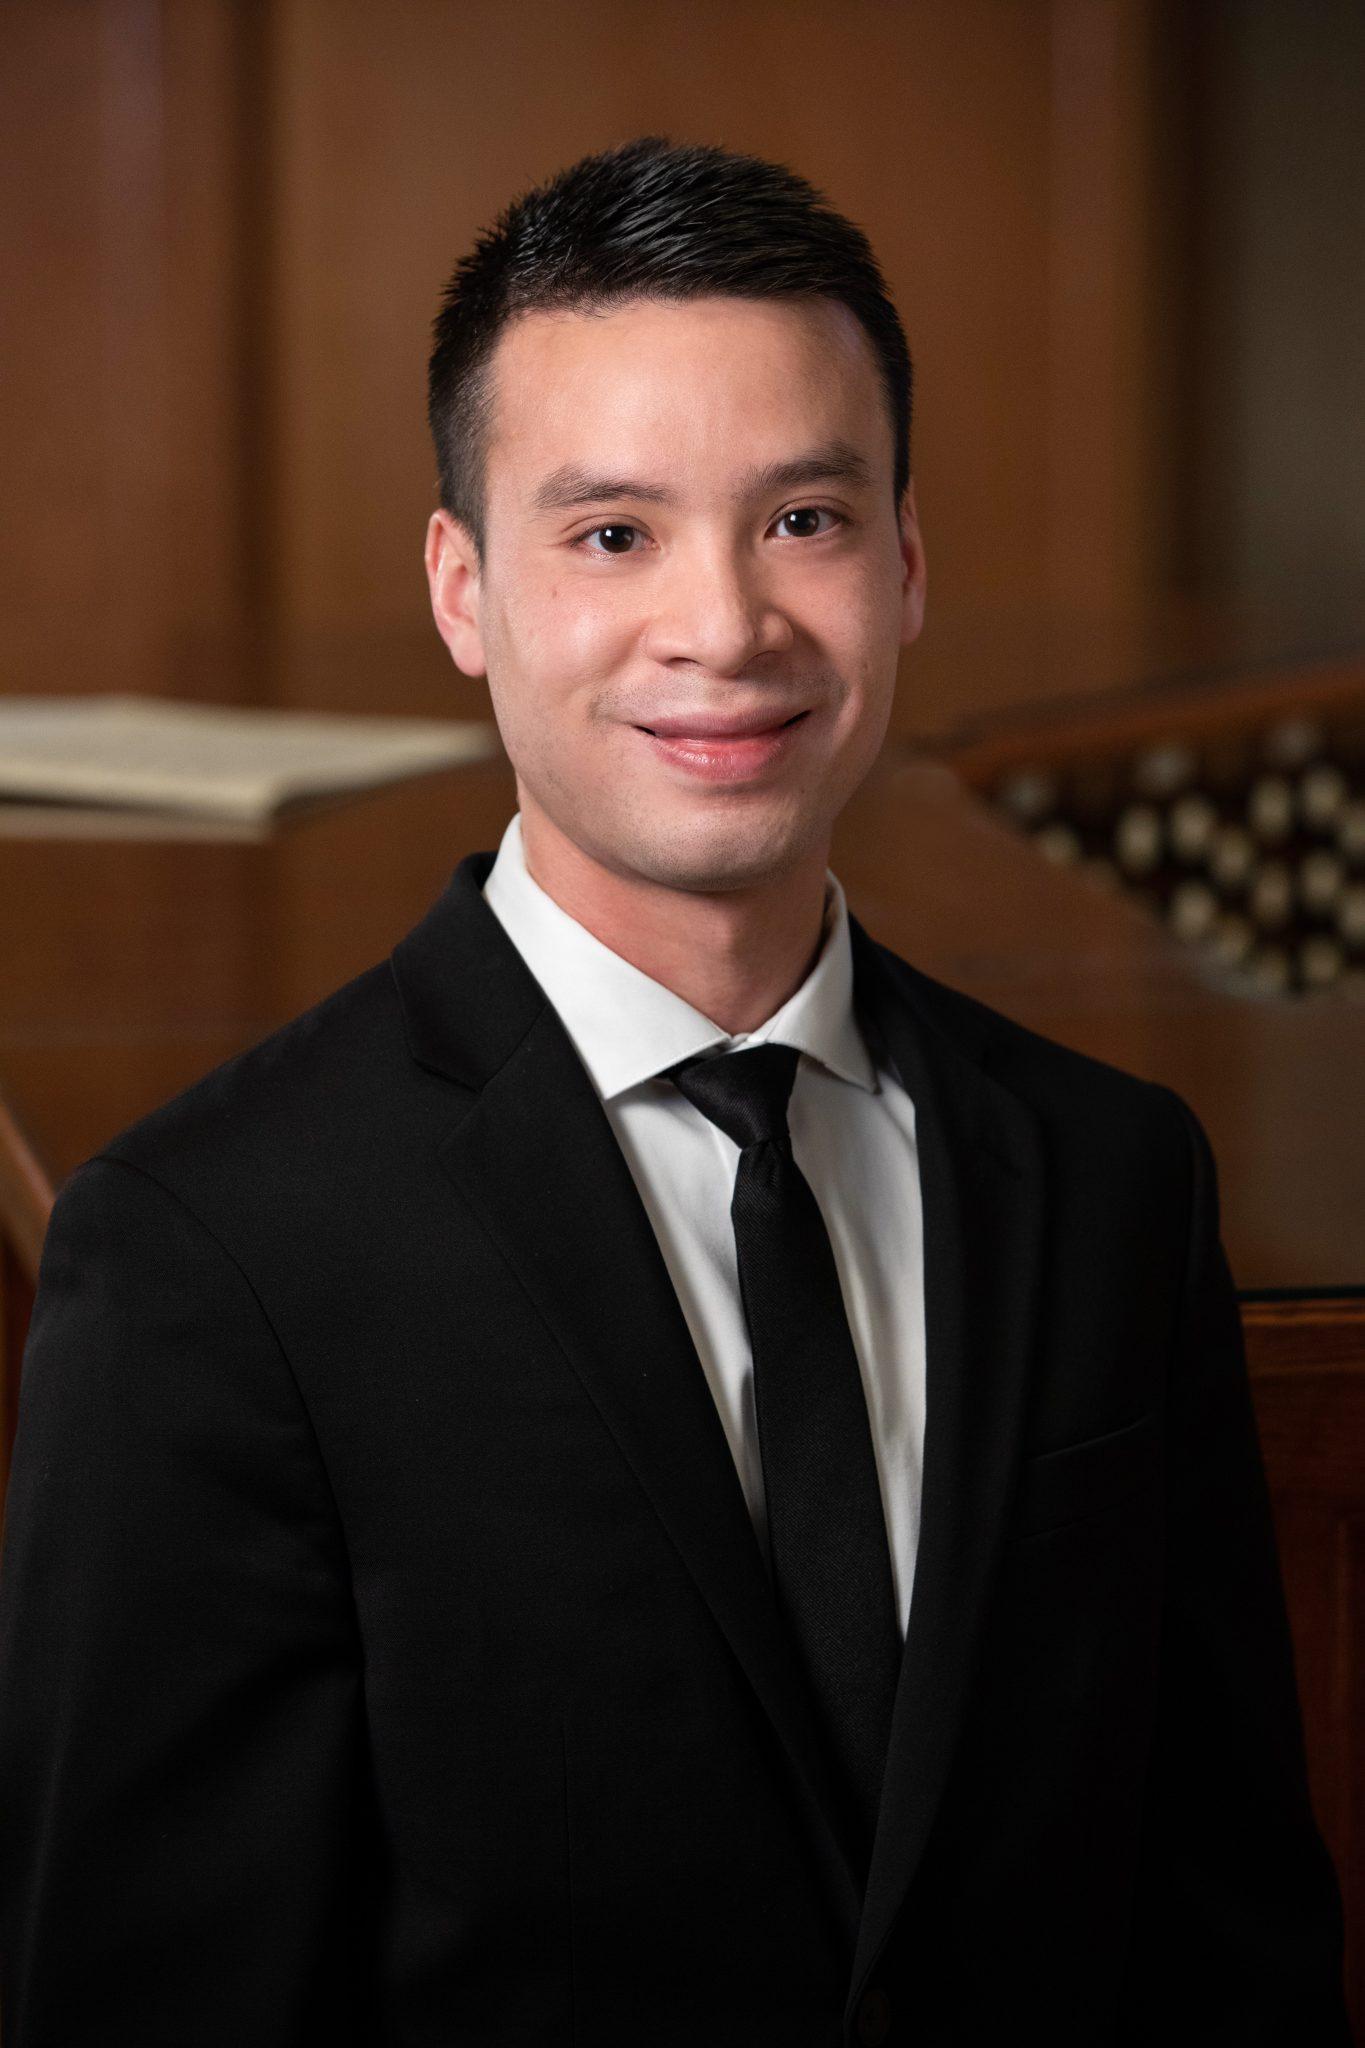 Andrew Vu